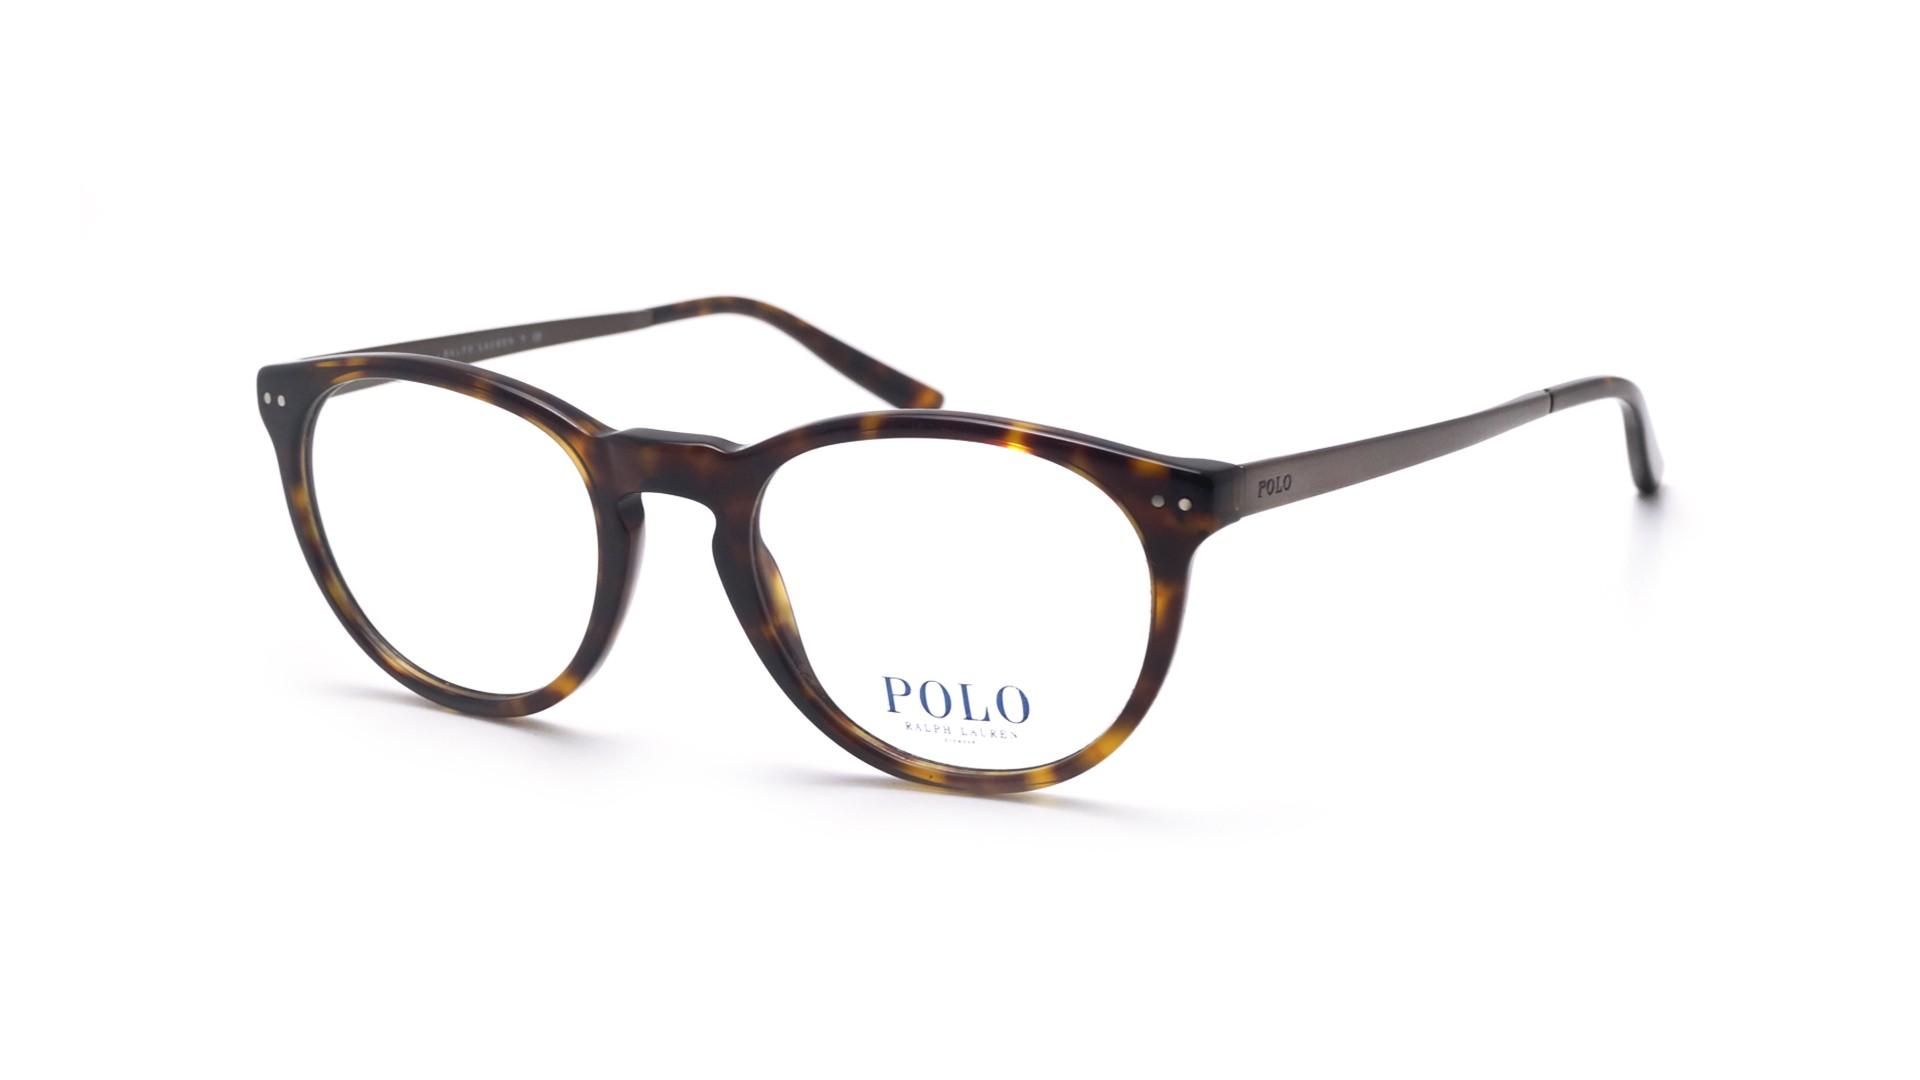 les Optique Ralph Lunettes Lauren Polo b6y7Yfg